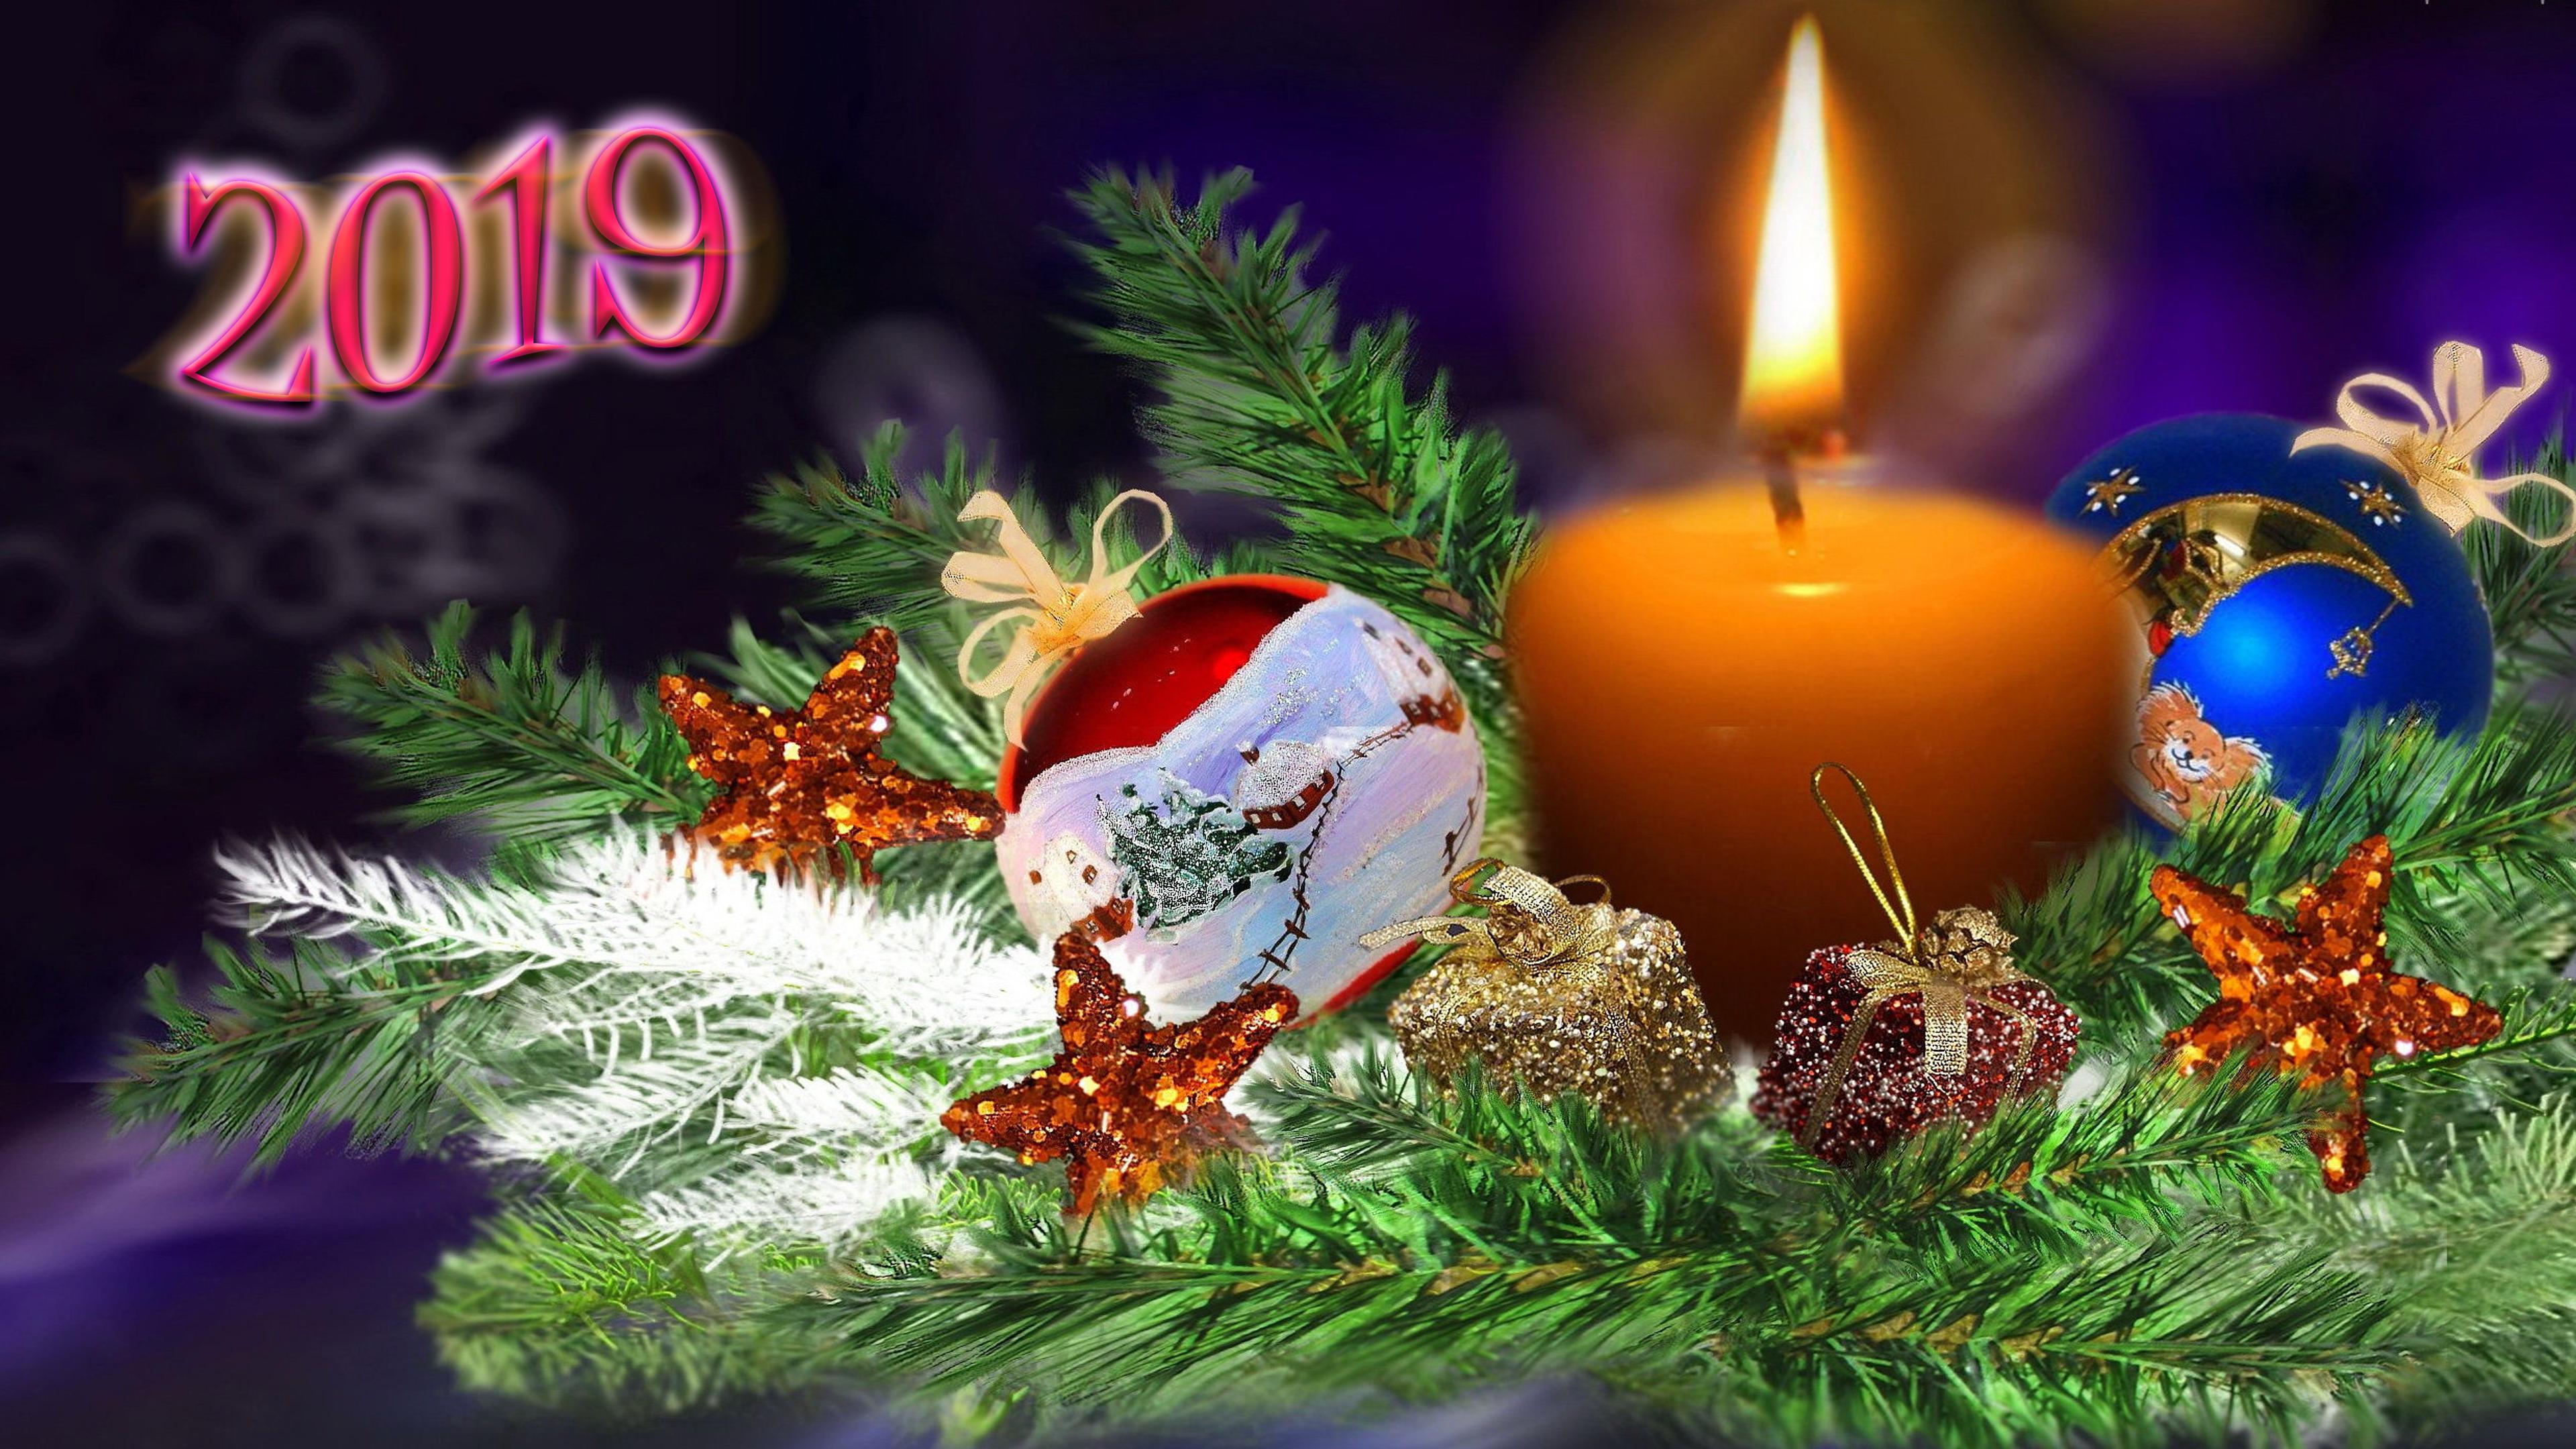 Новогодние обои 2019 №2_008.jpg